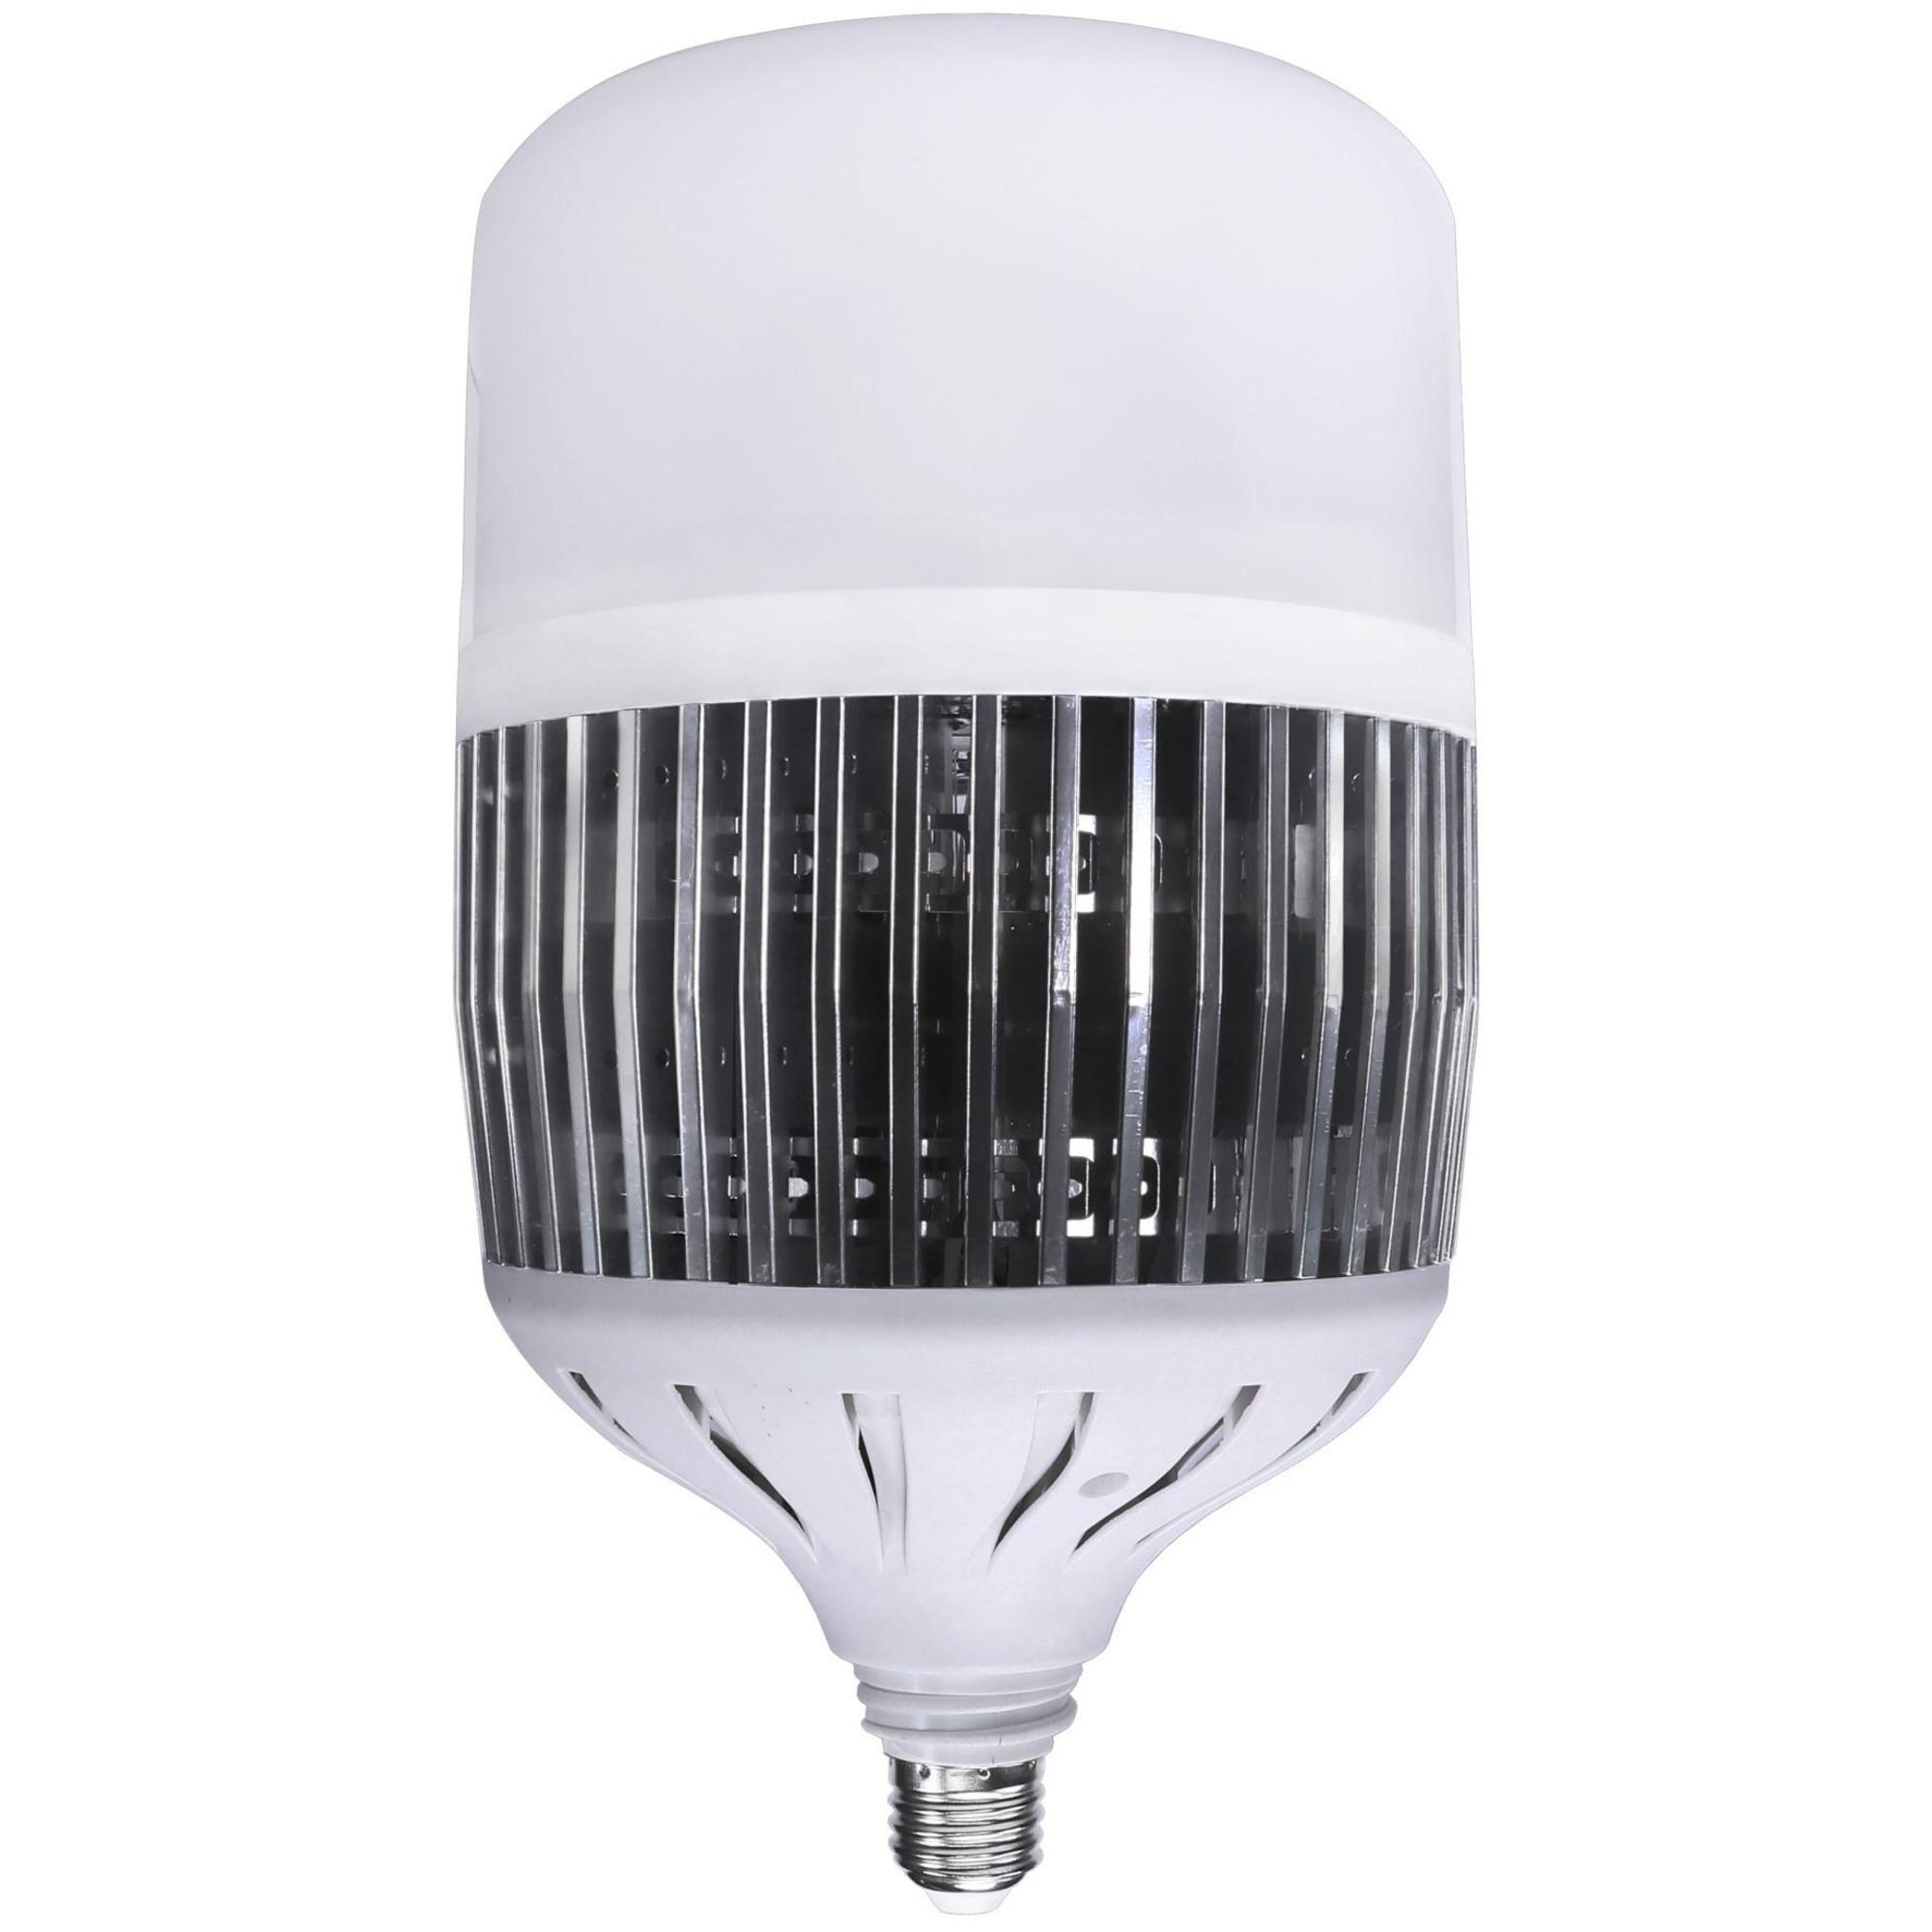 Лампа Ecola Premium светодионая E27 150 Вт 13500 Лм холодный свет